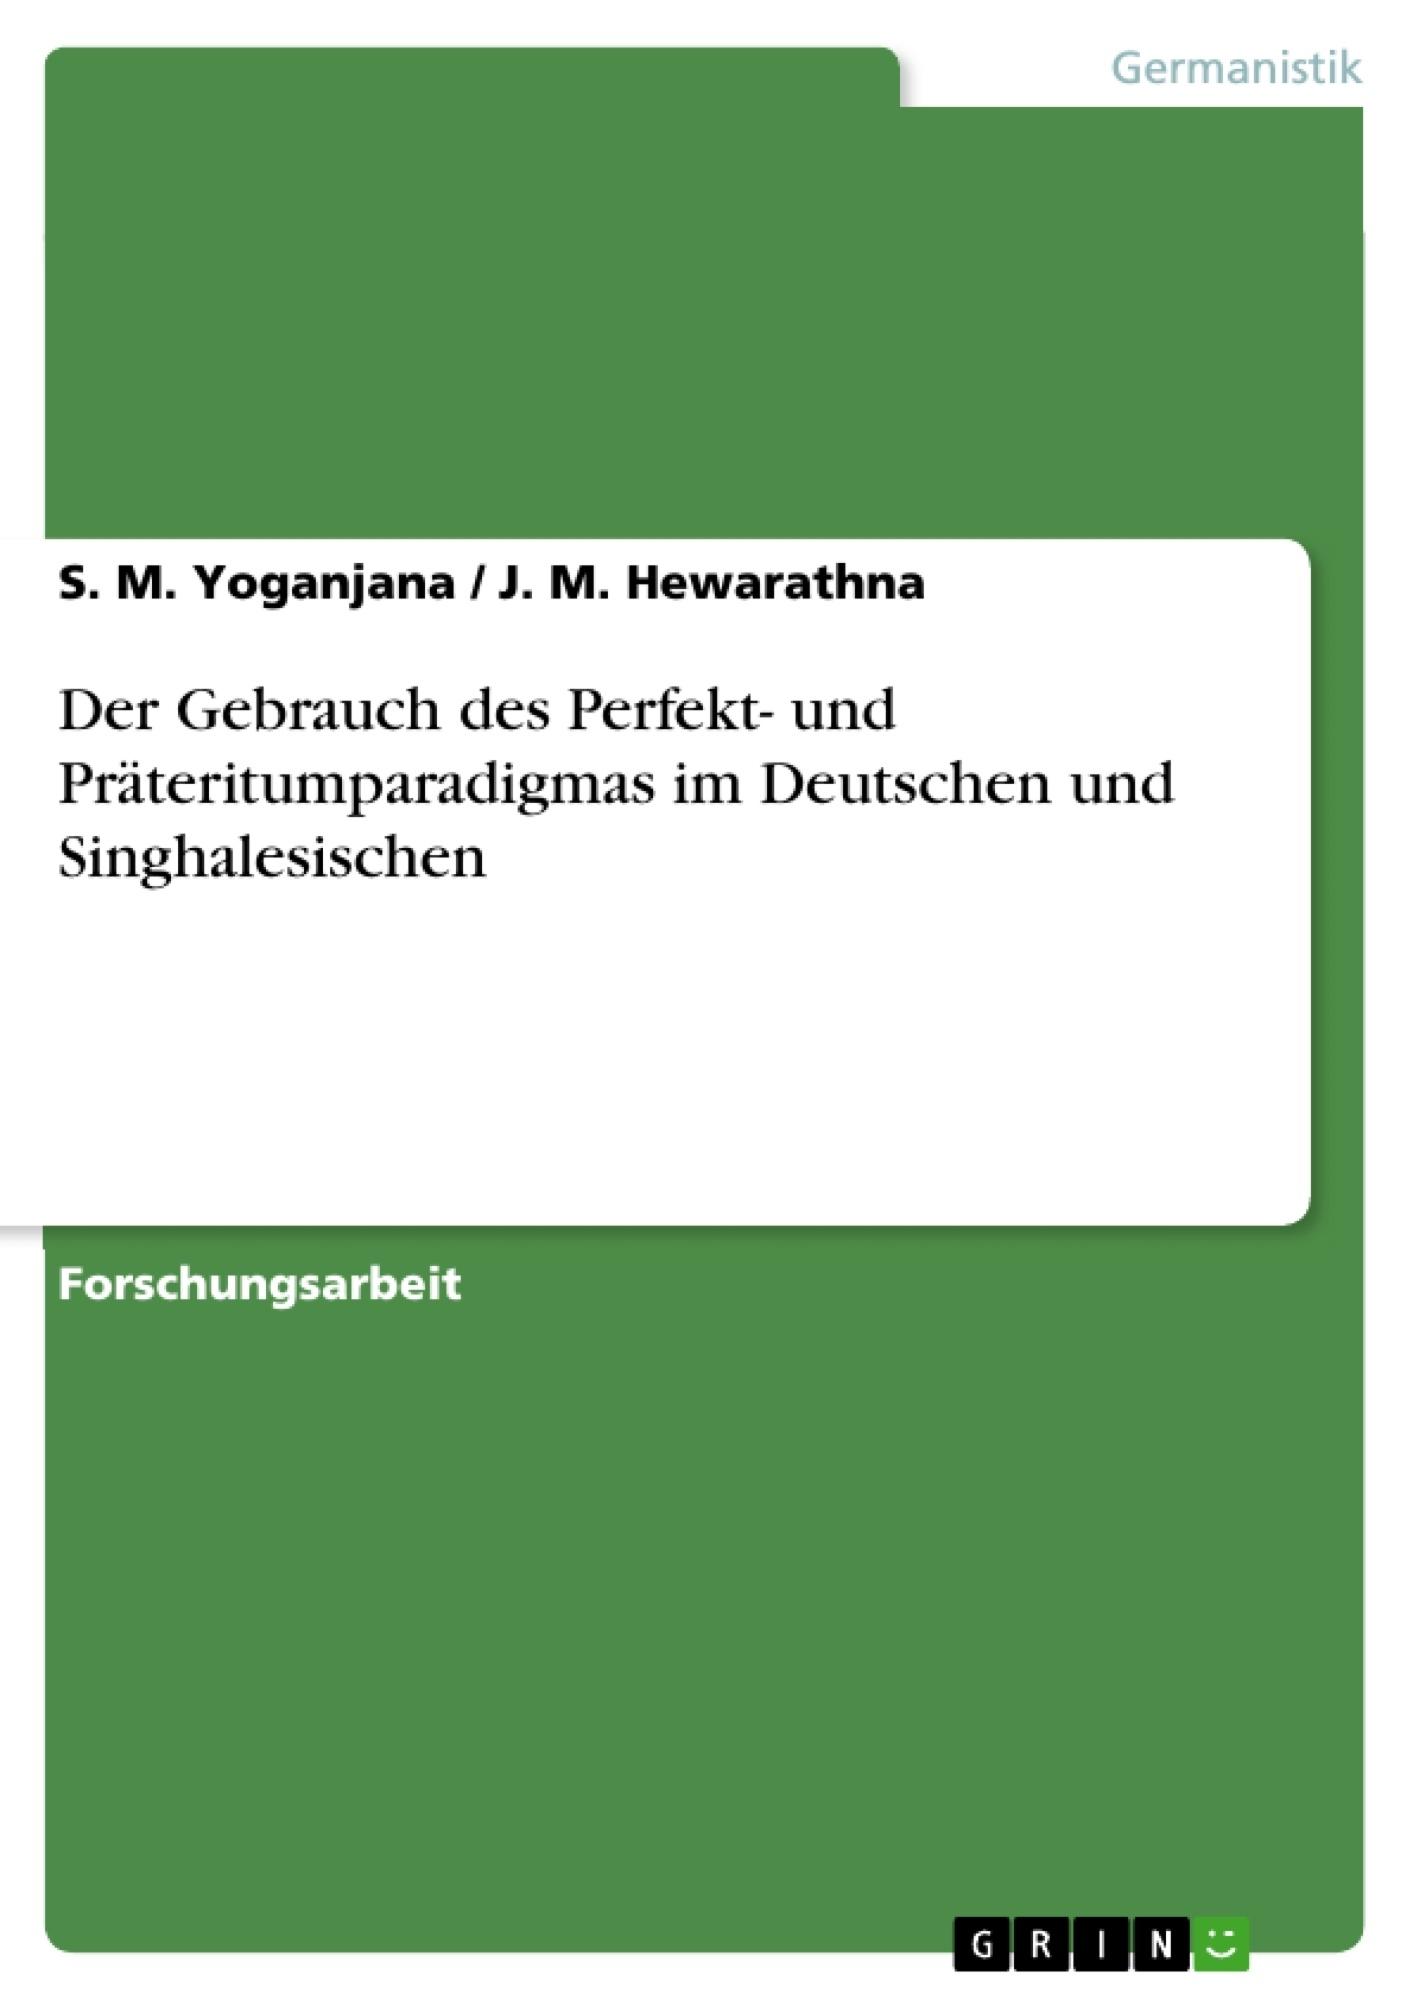 Titel: Der Gebrauch des Perfekt- und Präteritumparadigmas im Deutschen und Singhalesischen